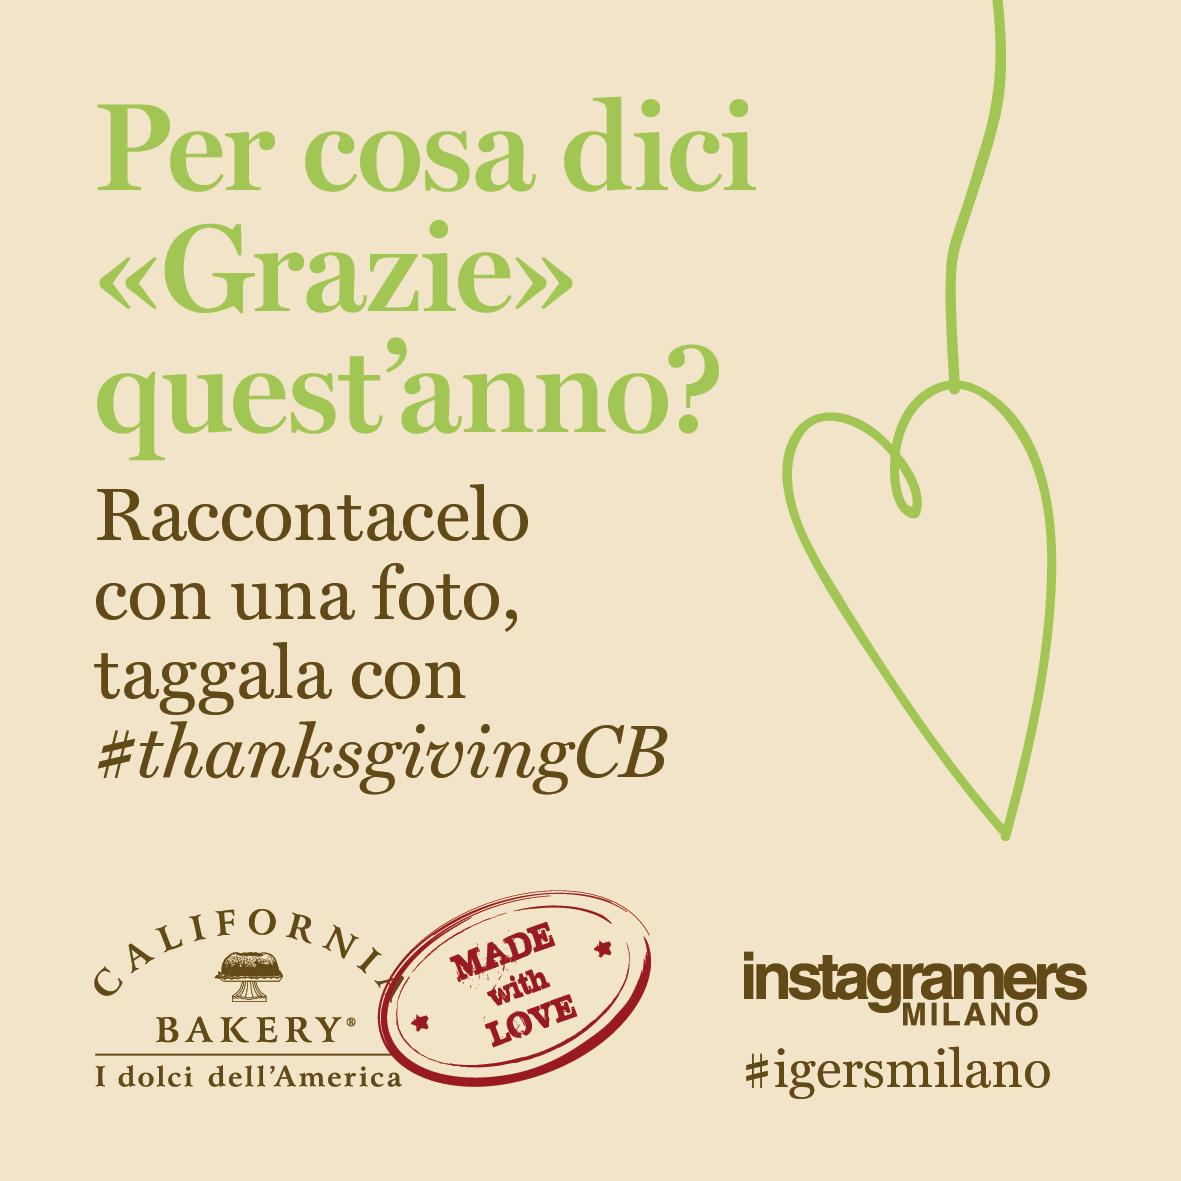 E tu, per cosa ringrazi? Partecipa al challenge #thanksgivingCB con IgersMilano